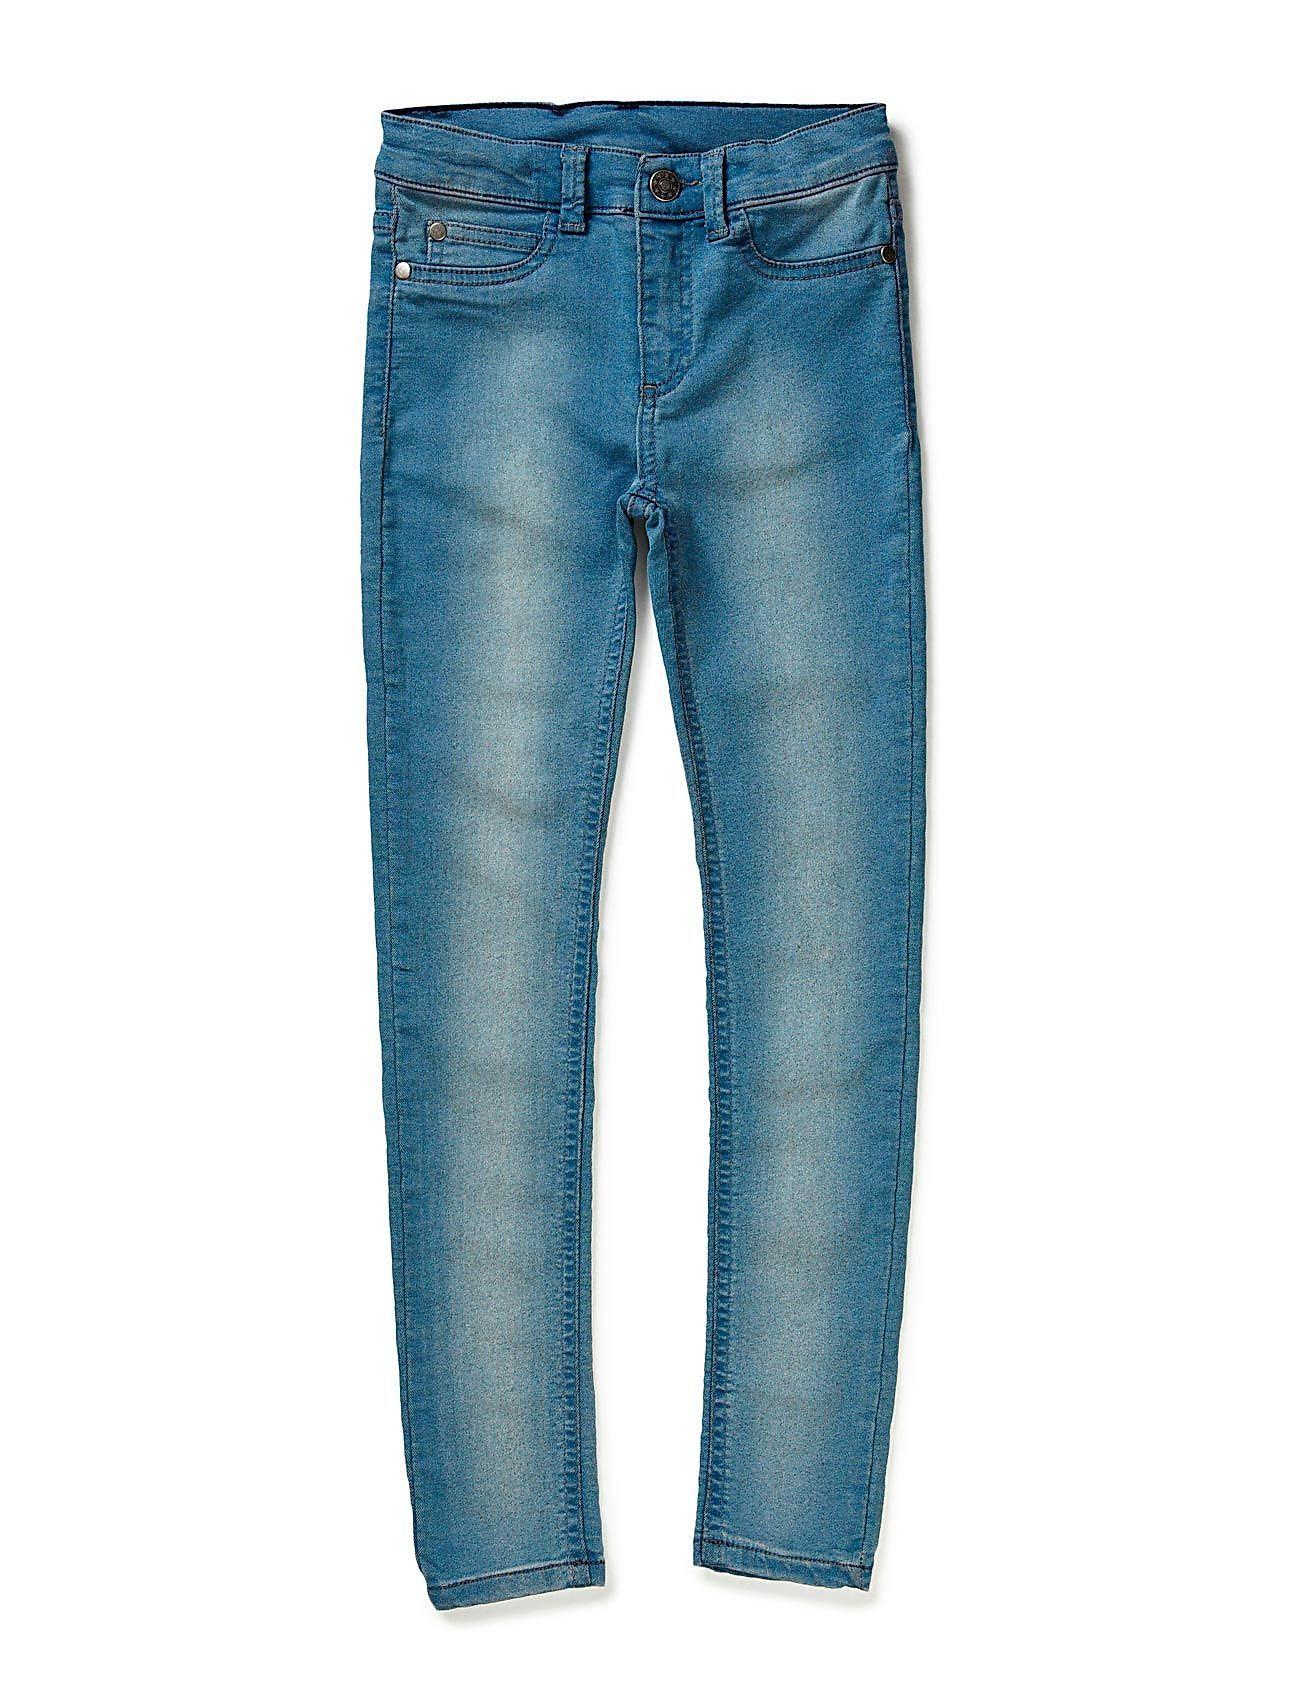 PETIT by Sofie Schnoor denim leggings - BLUE WASH